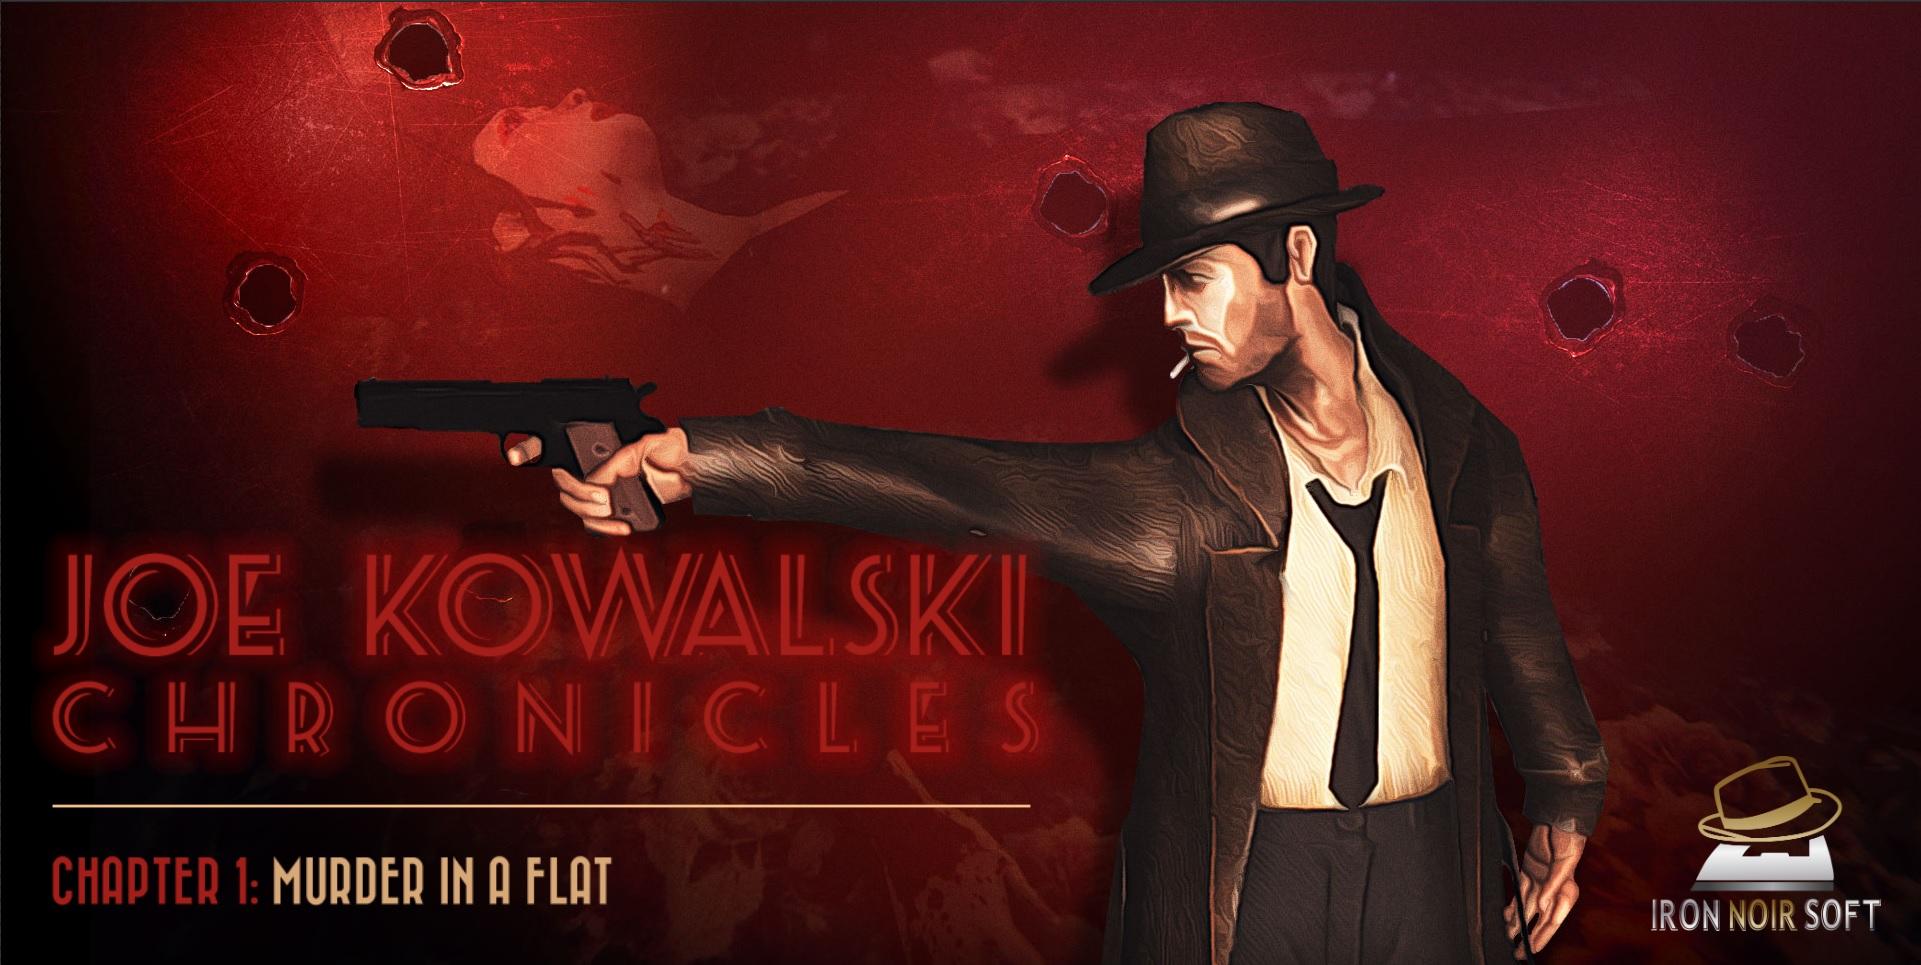 Joe Kowalski Chronicles - Murder in a flat